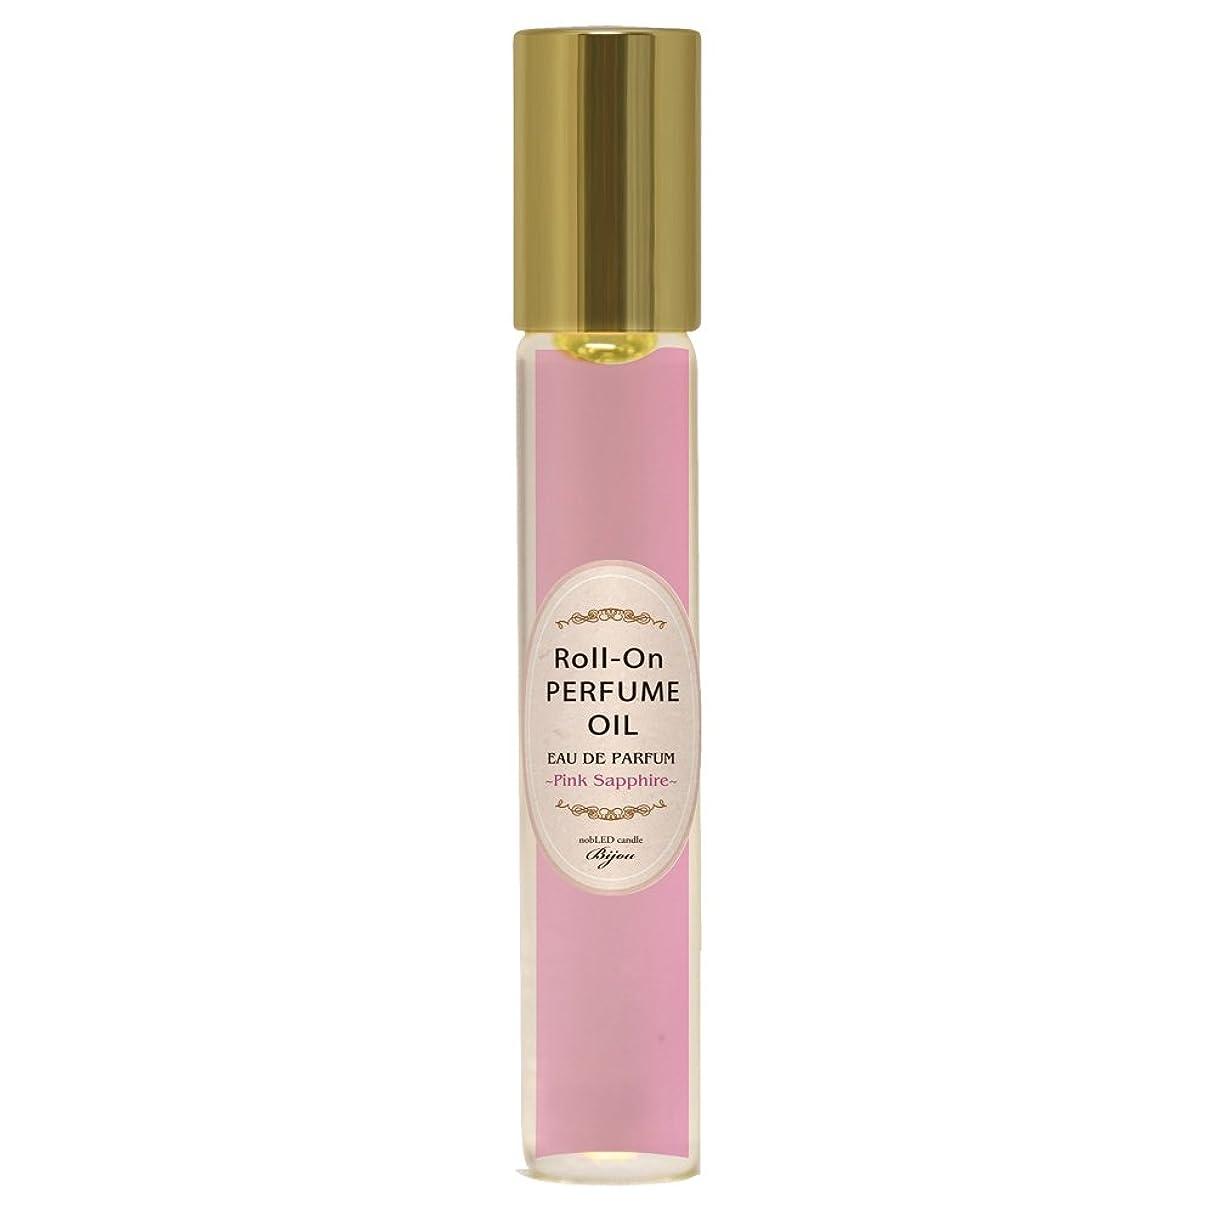 照らす幻影重大nobLED candle Bijou ロールオンパフュームオイル ピンクサファイア Pink Sapphire Roll-On PERFUME OIL ノーブレッド キャンドル ビジュー